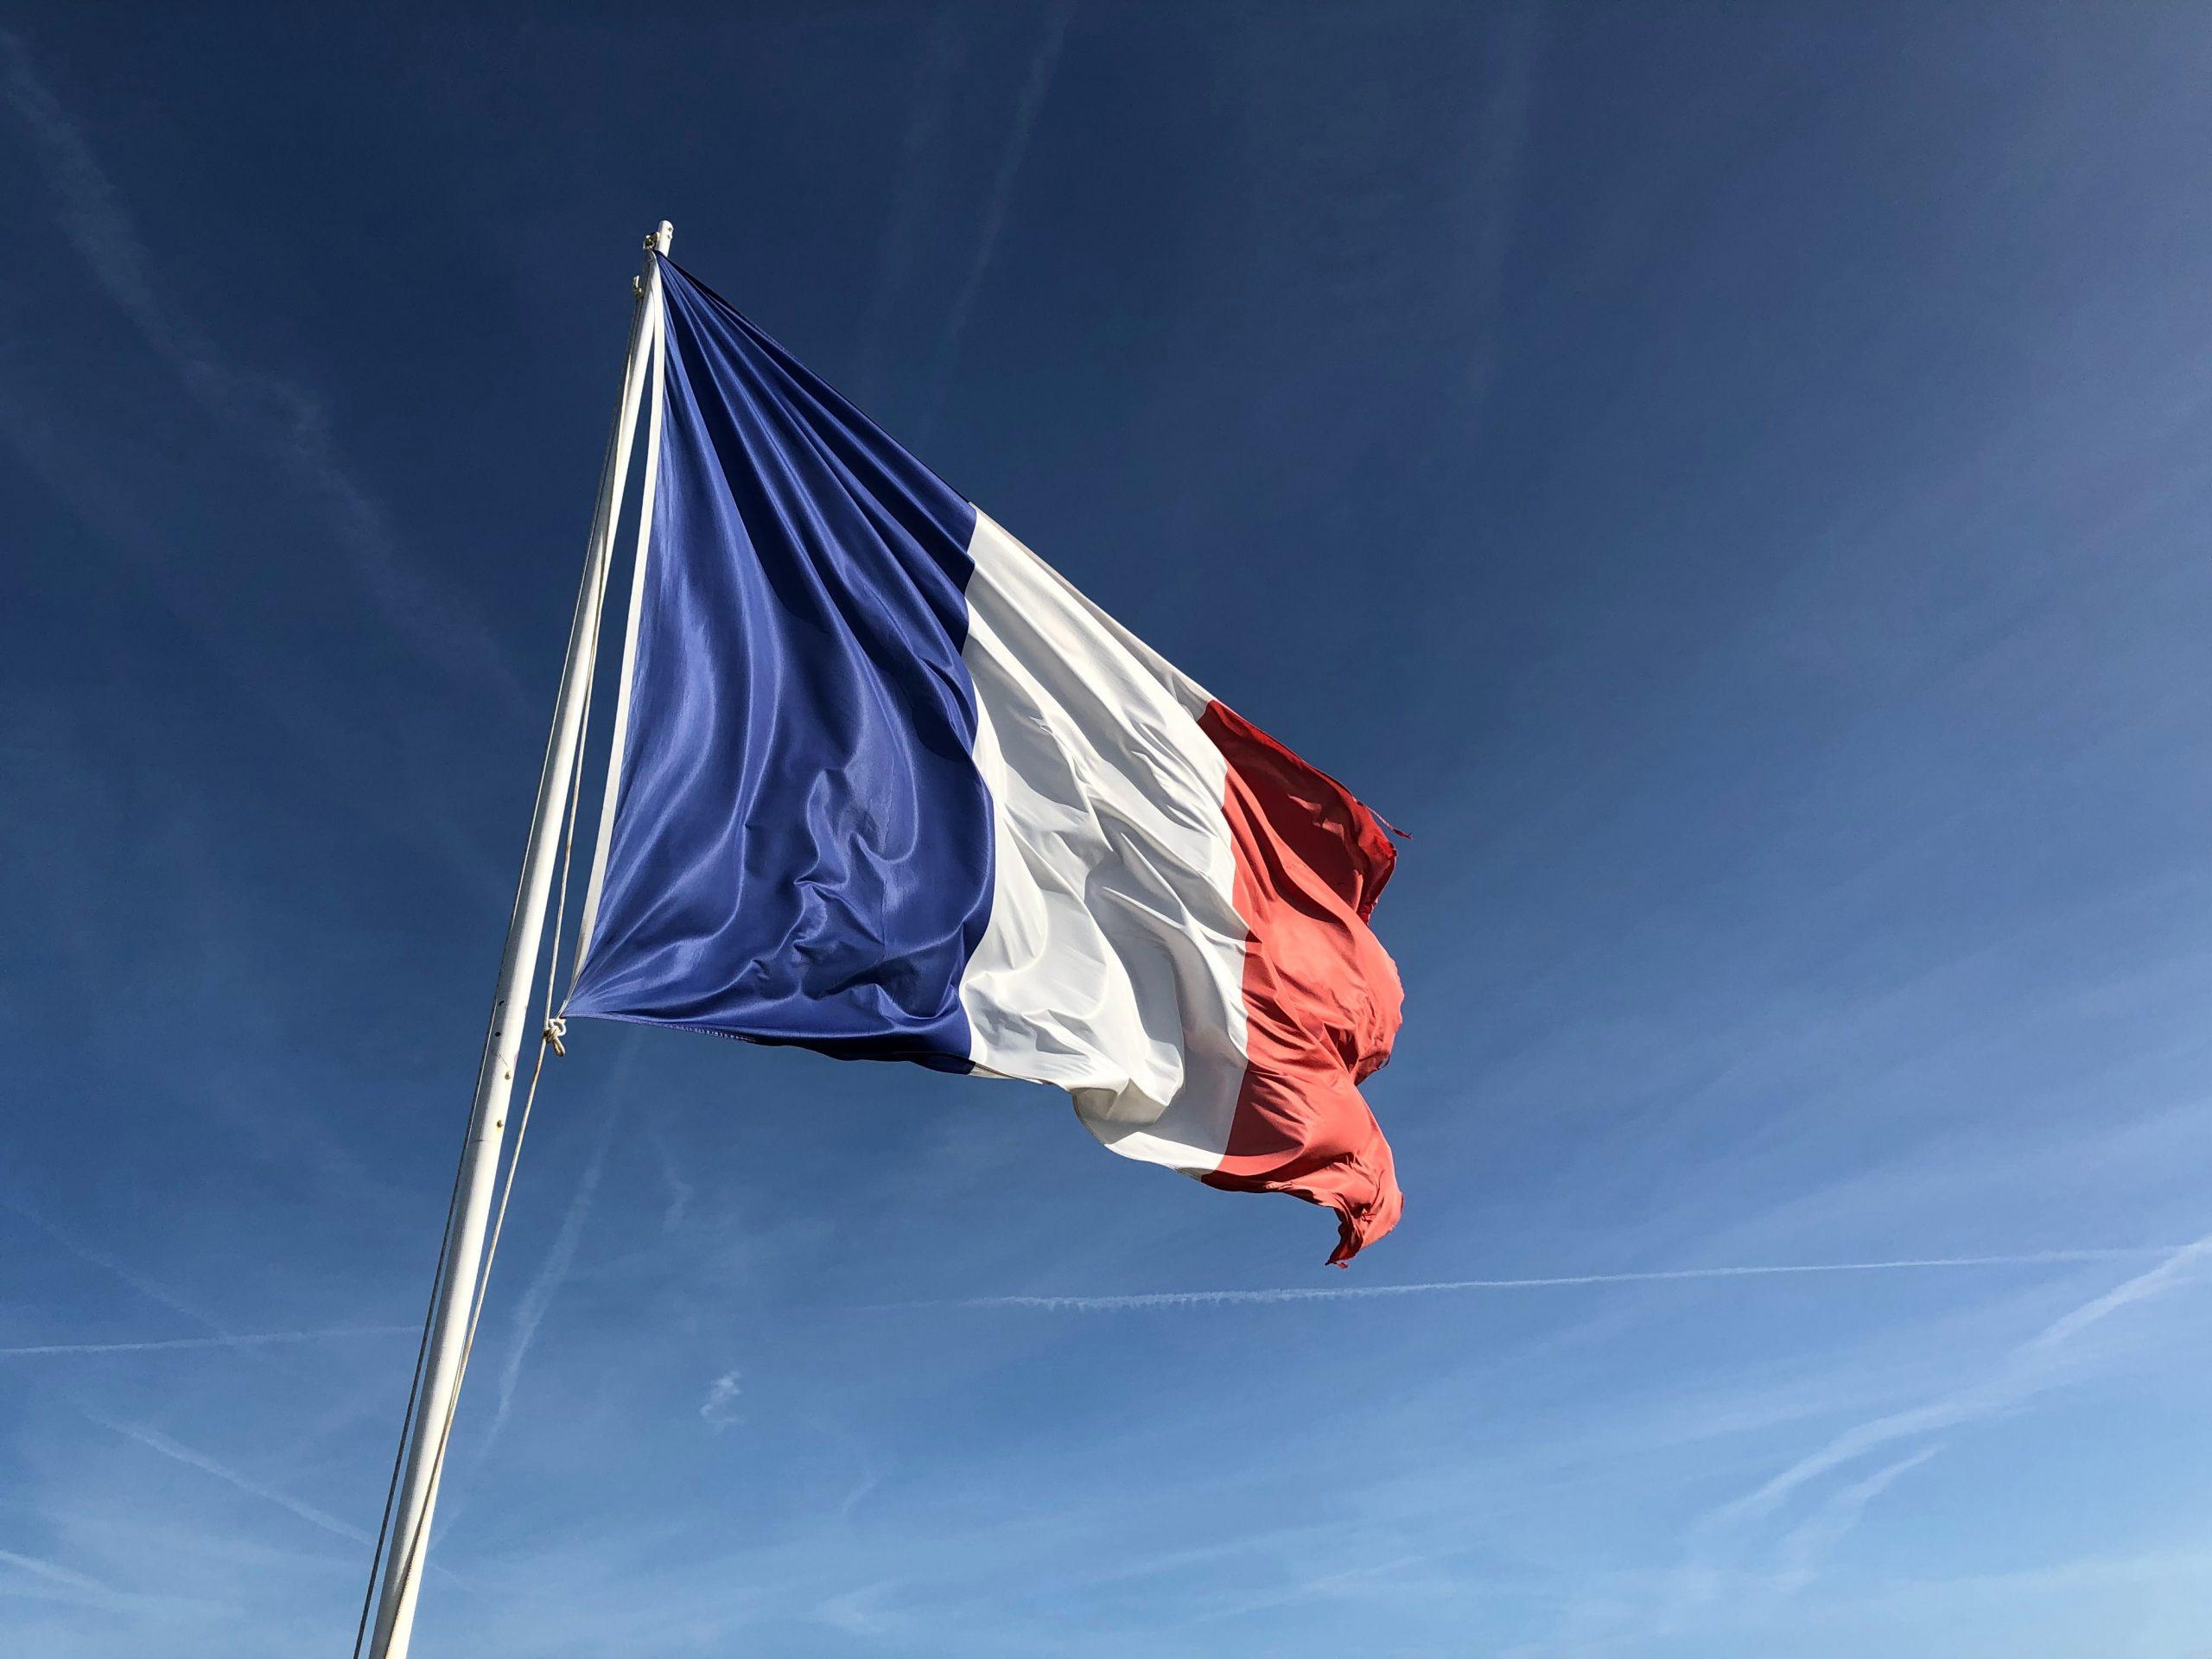 Fransevlag